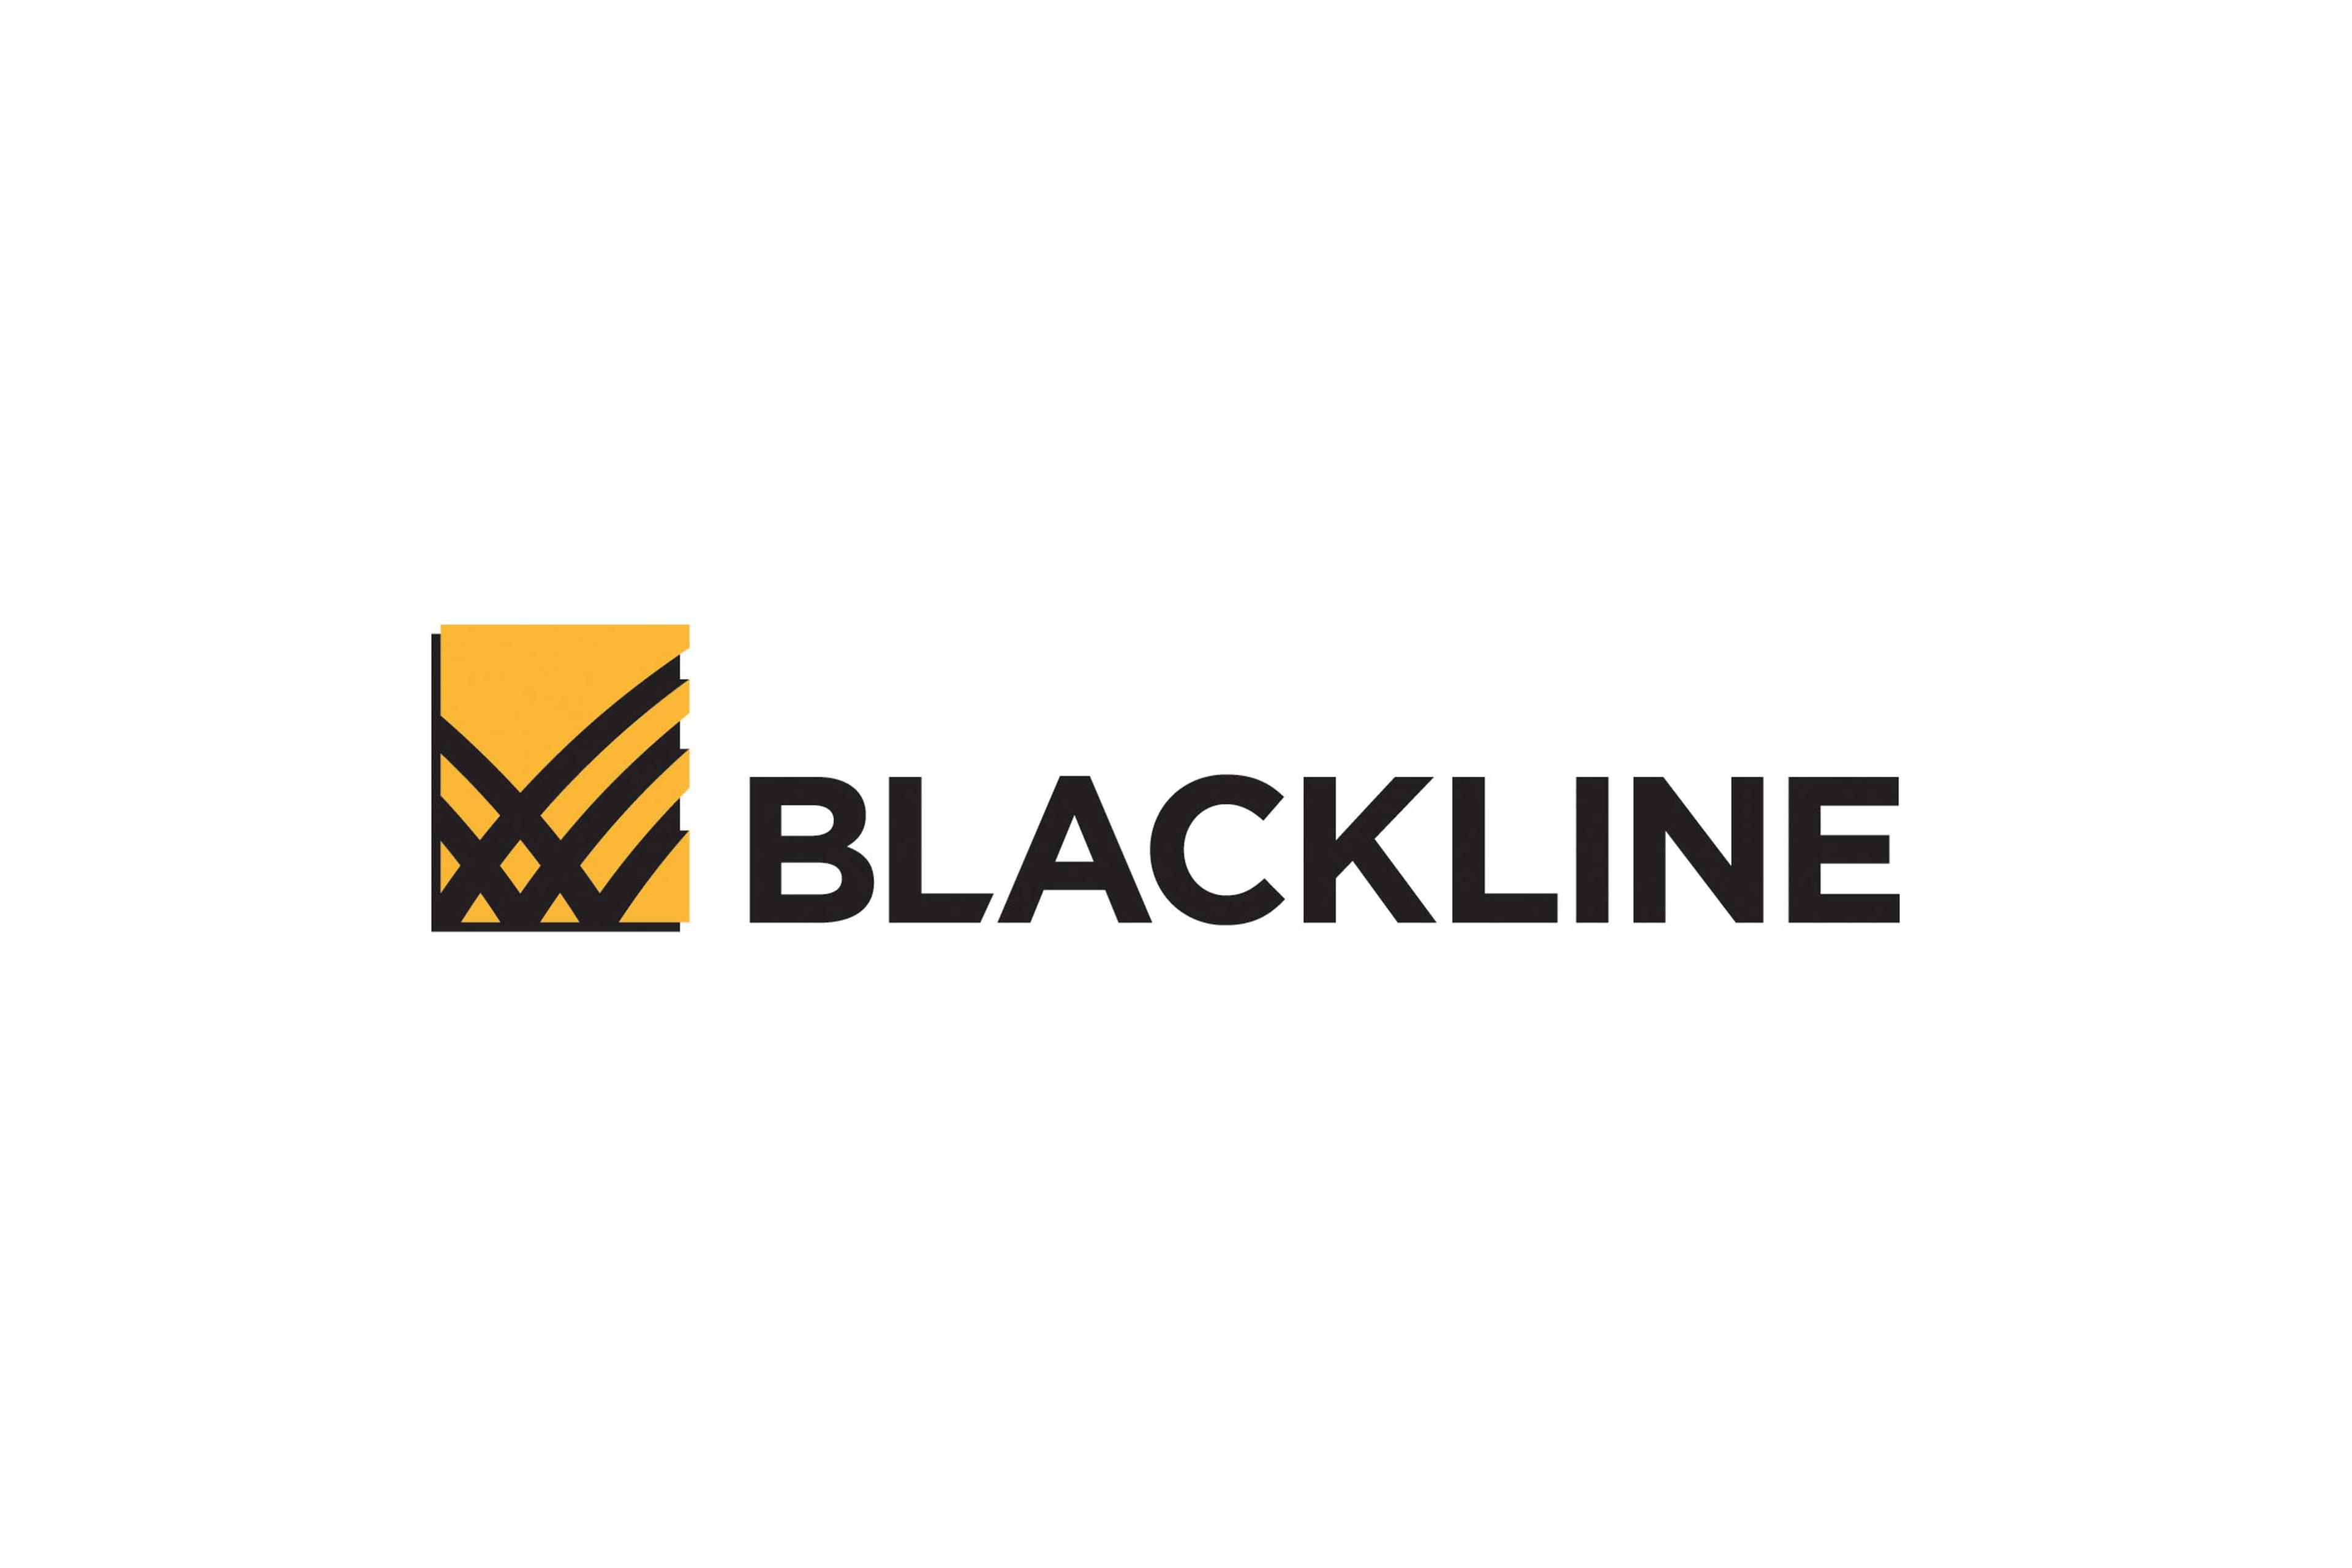 Logotipo de Blackline